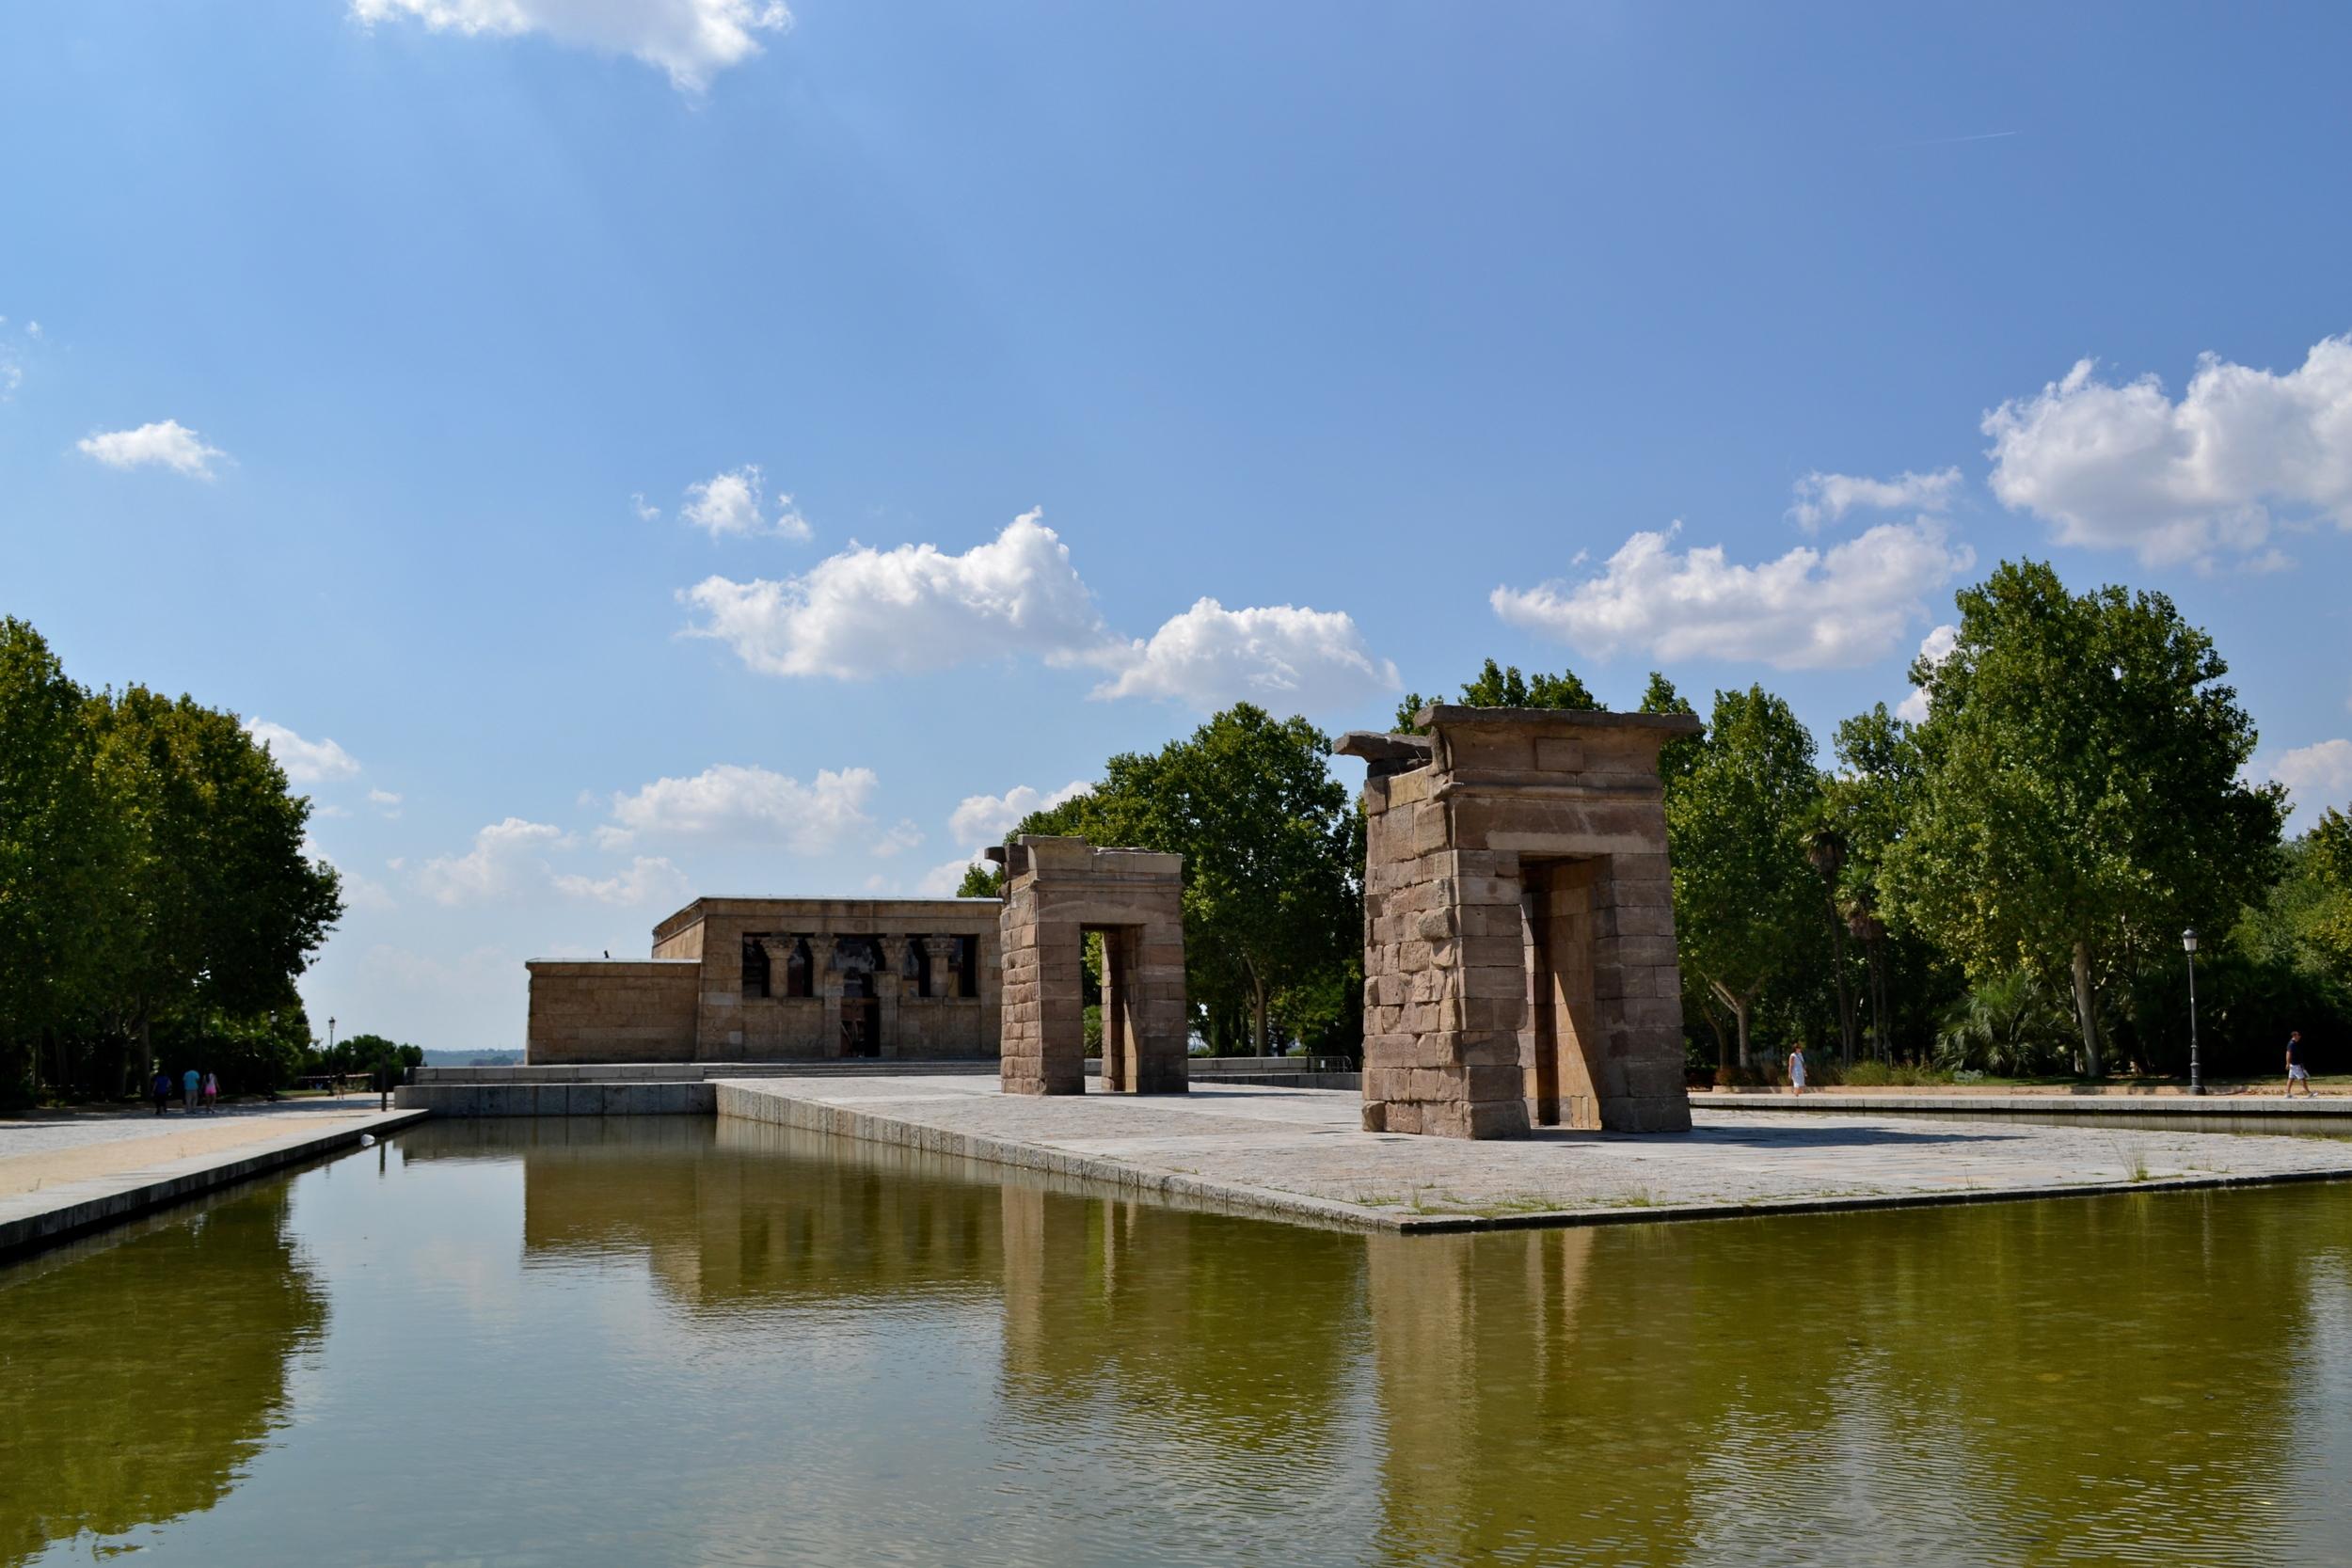 The Egyptian Temple in Parque Casa de Campo